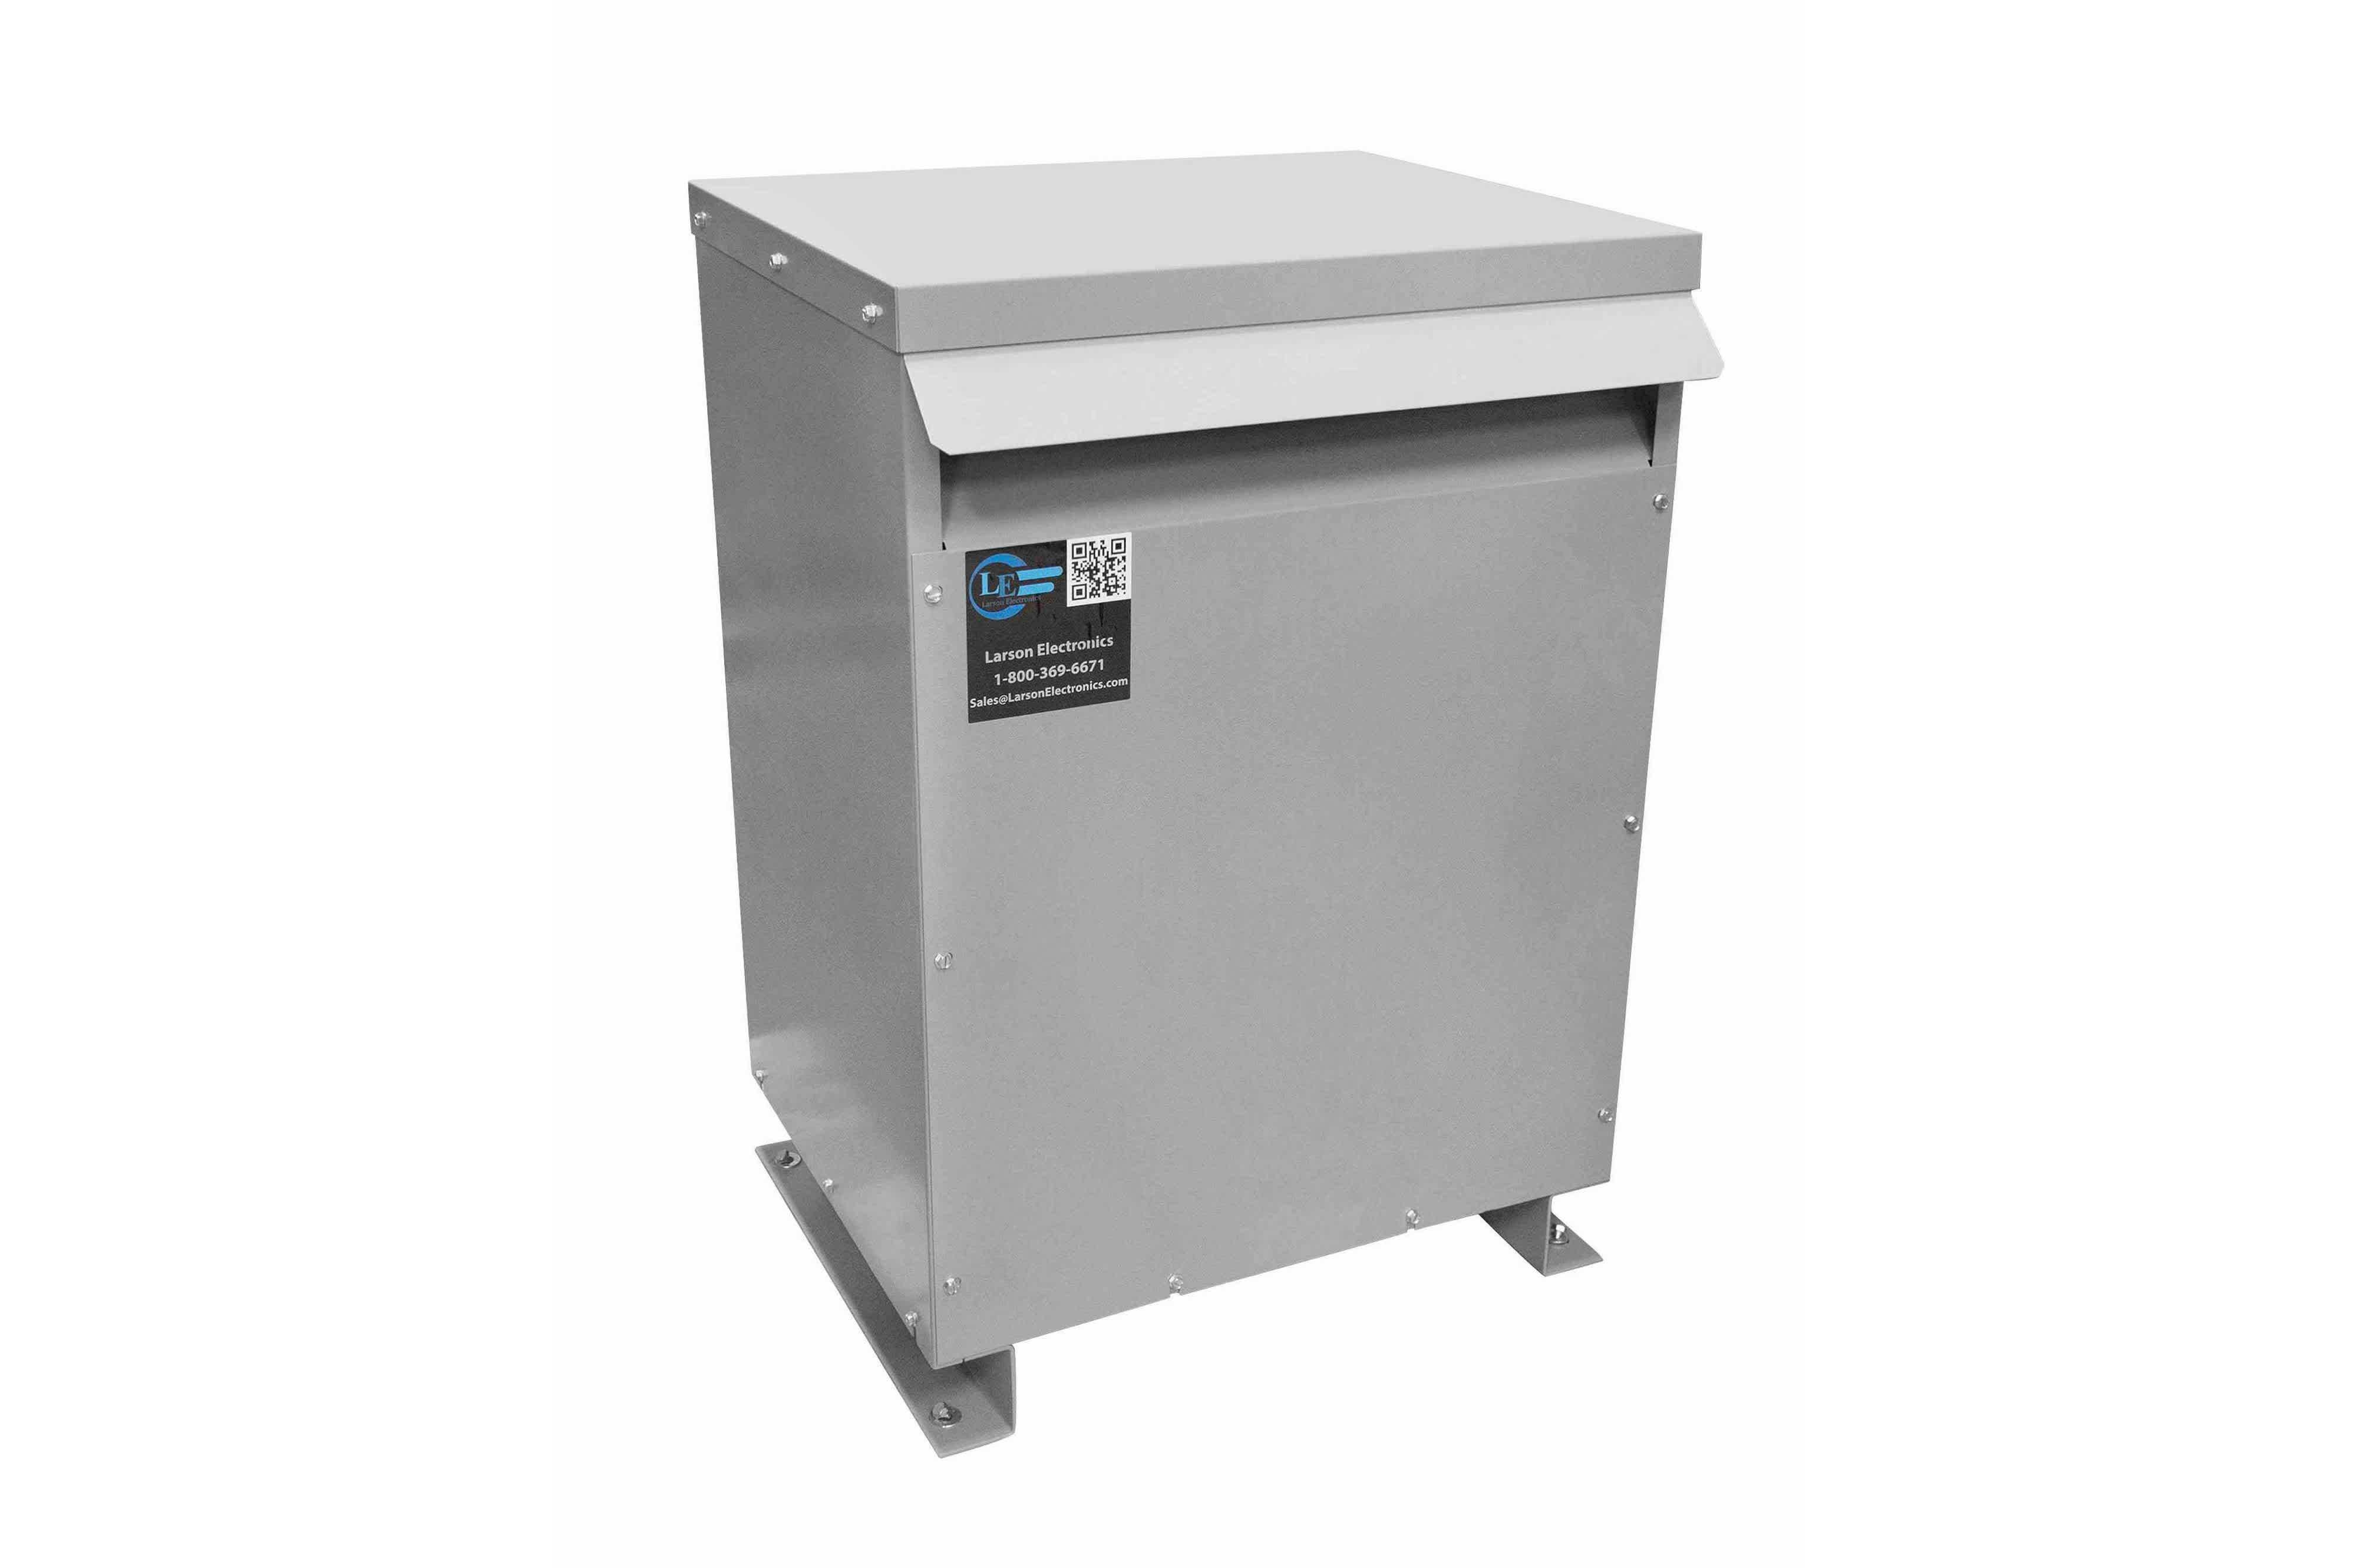 11 kVA 3PH Isolation Transformer, 480V Delta Primary, 208V Delta Secondary, N3R, Ventilated, 60 Hz